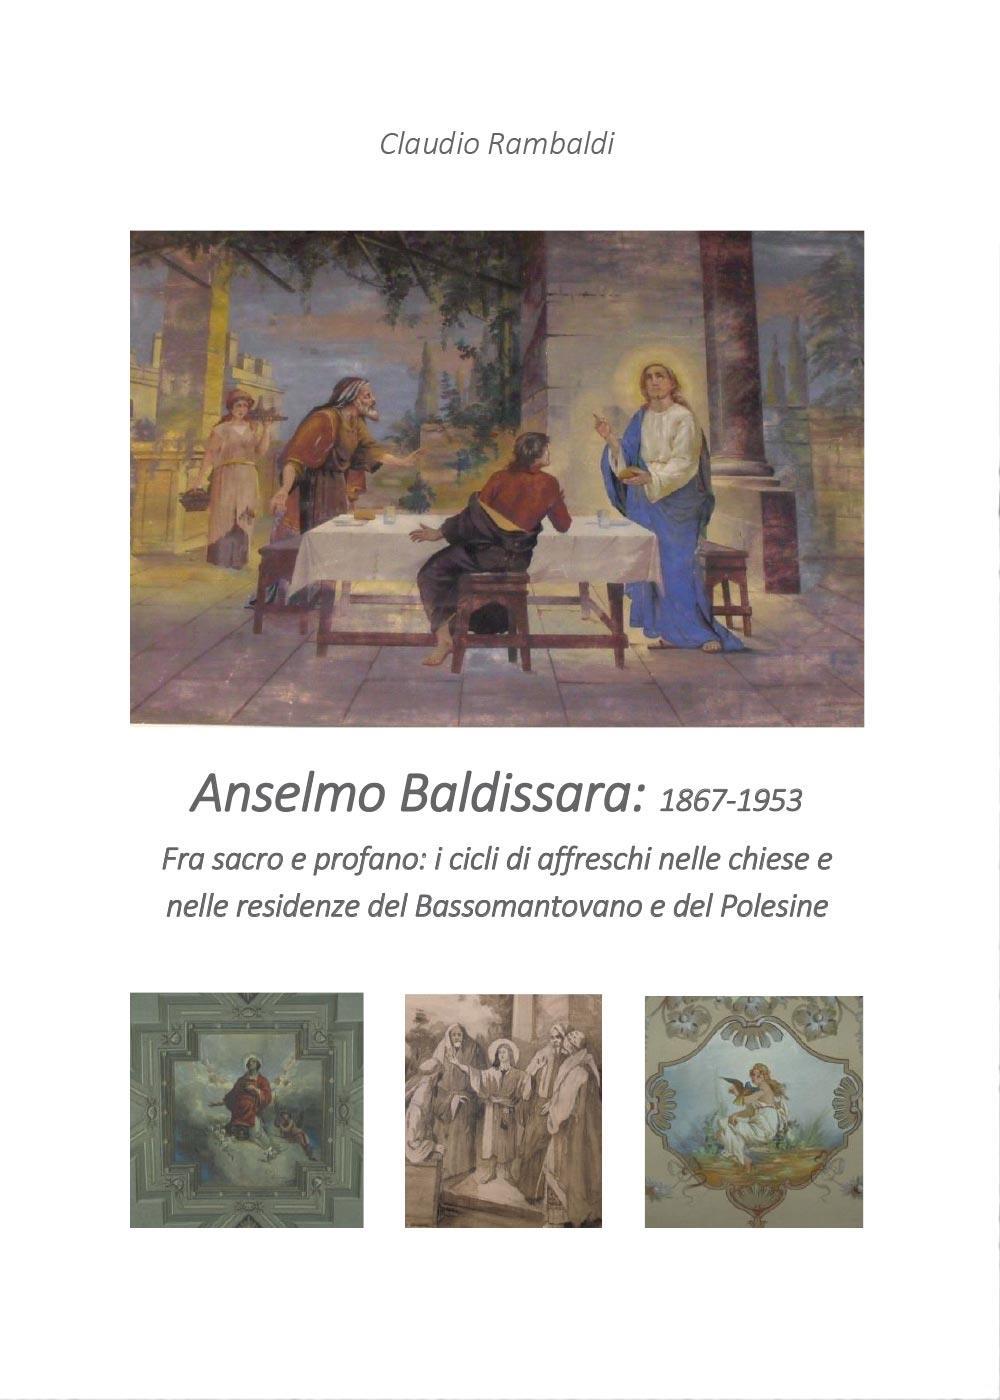 Anselmo Baldissara pittore 1867-1953